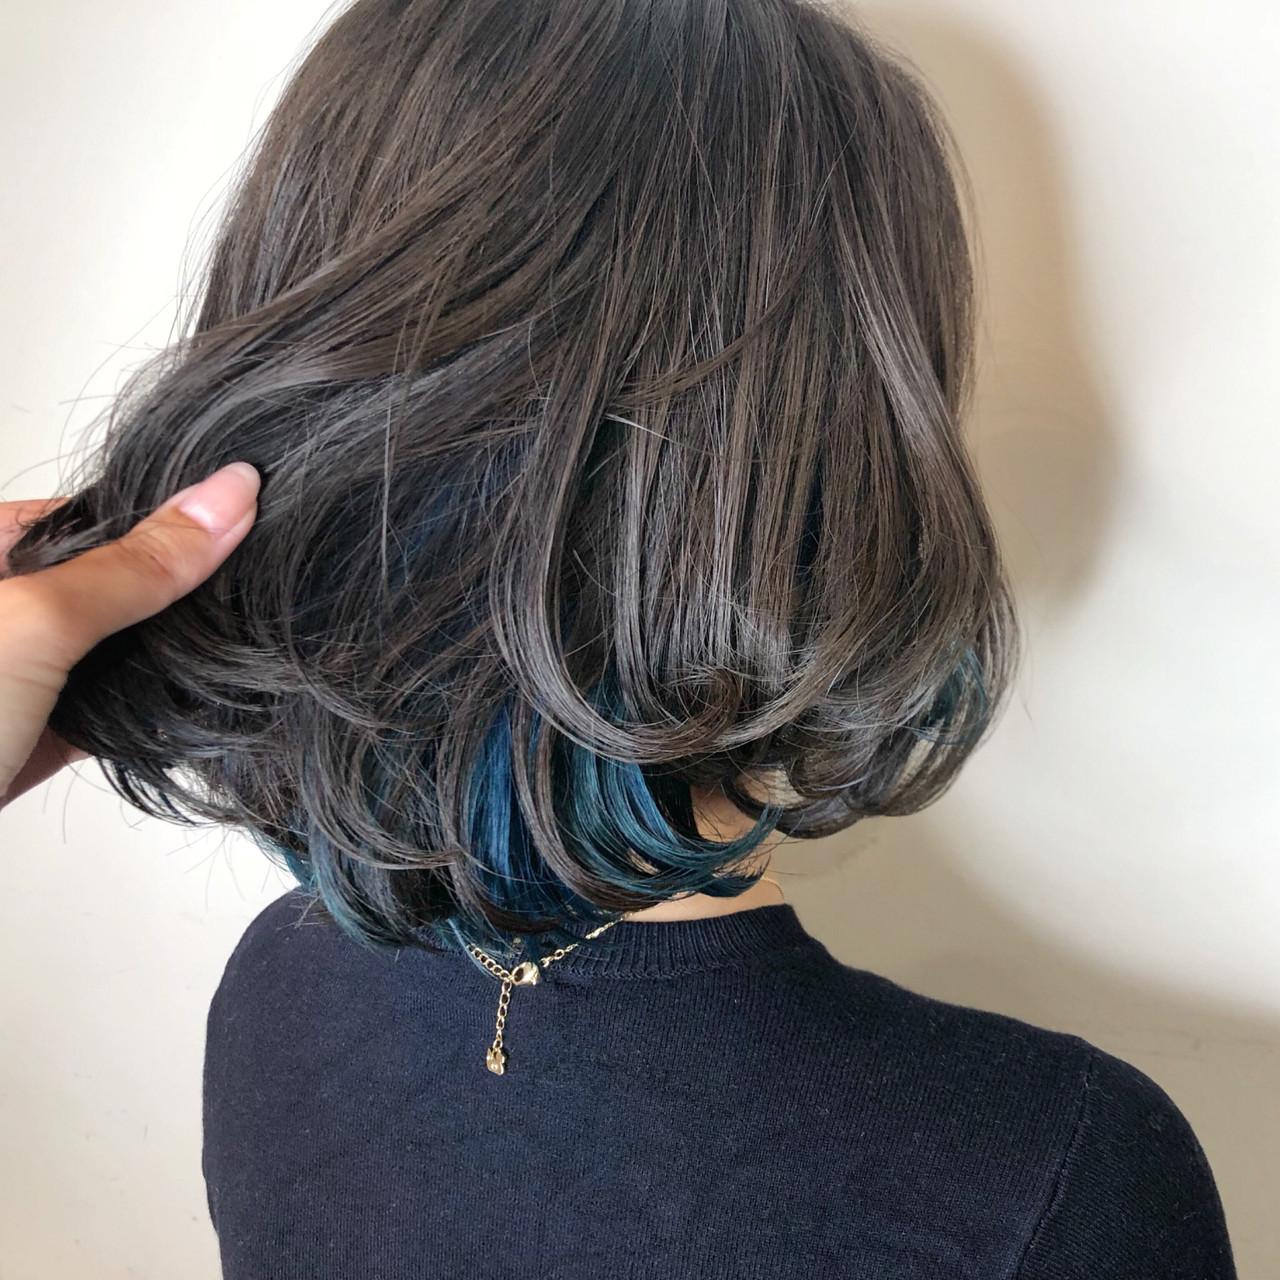 インナーカラー 愛され ゆるふわ ガーリー ヘアスタイルや髪型の写真・画像 | 徳永 実沙 / NYNY 河原町三条店